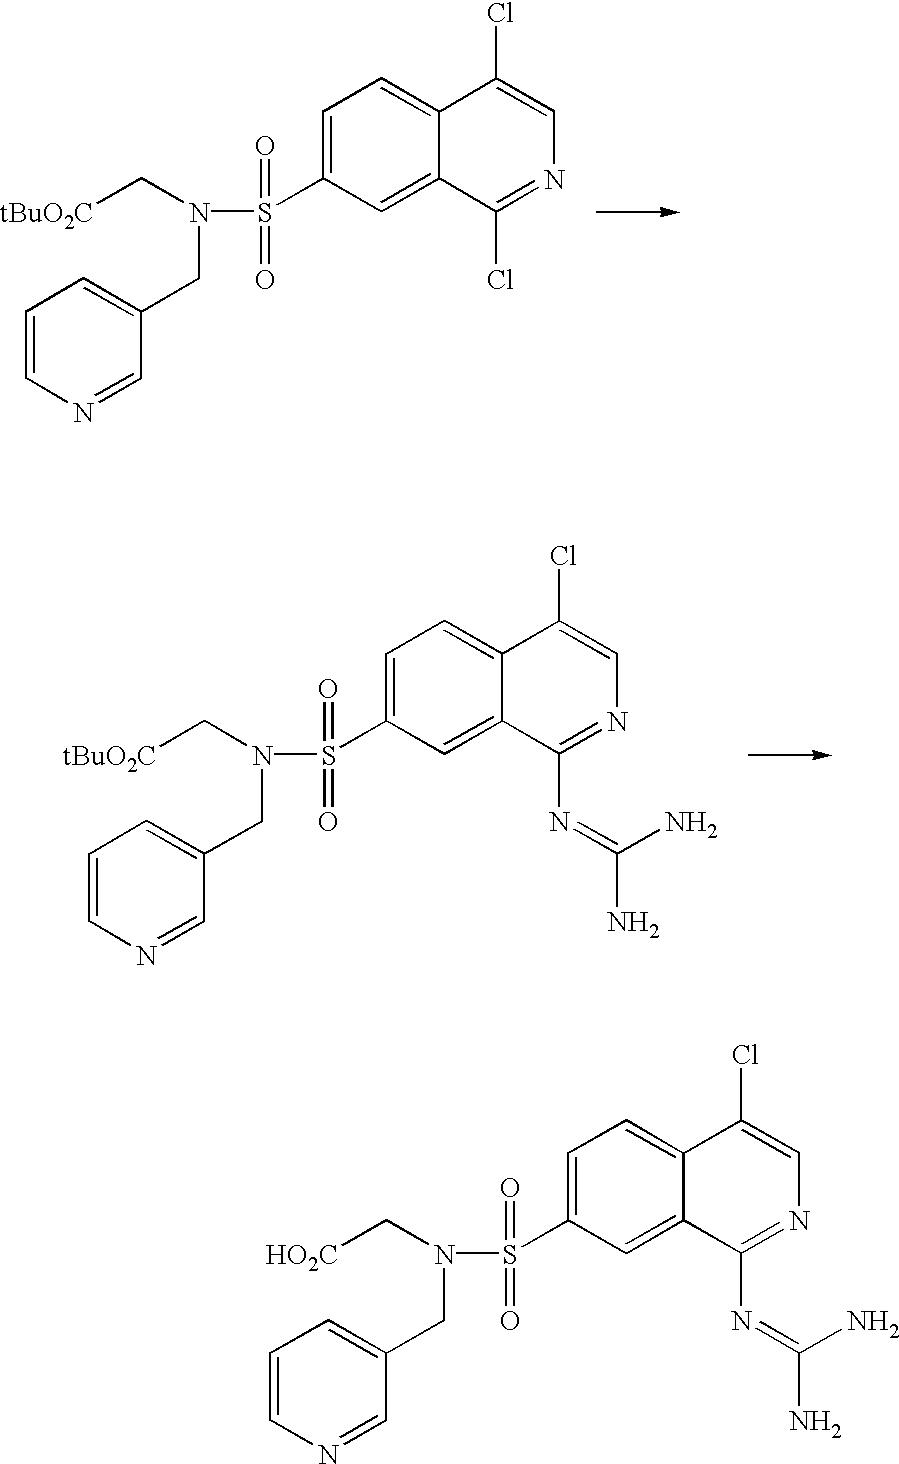 Figure US20030199440A1-20031023-C00051